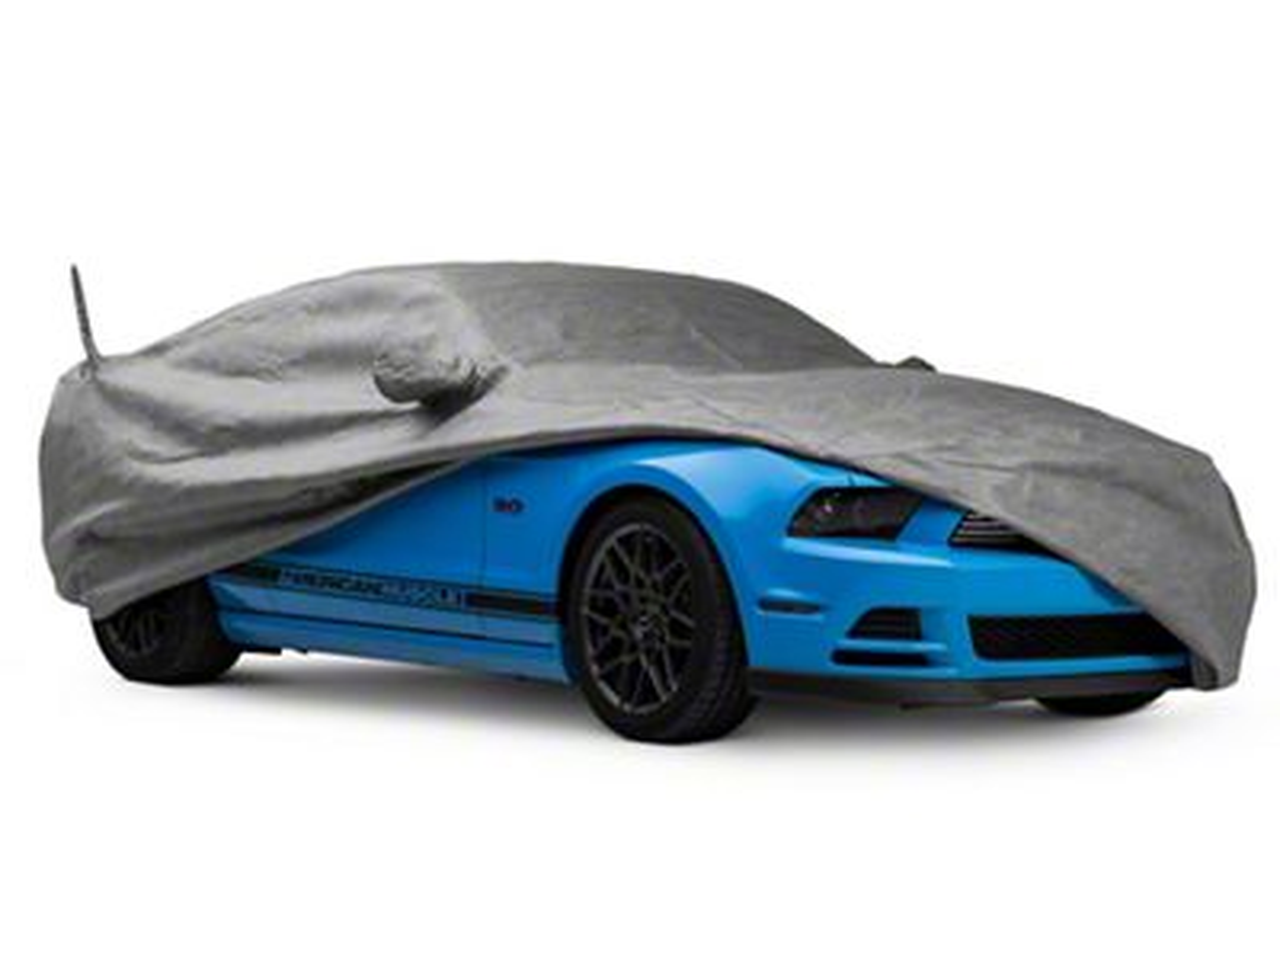 Covercraft Custom Fit Car Cover for Select Pontiac 402 Models Black Fleeced Satin